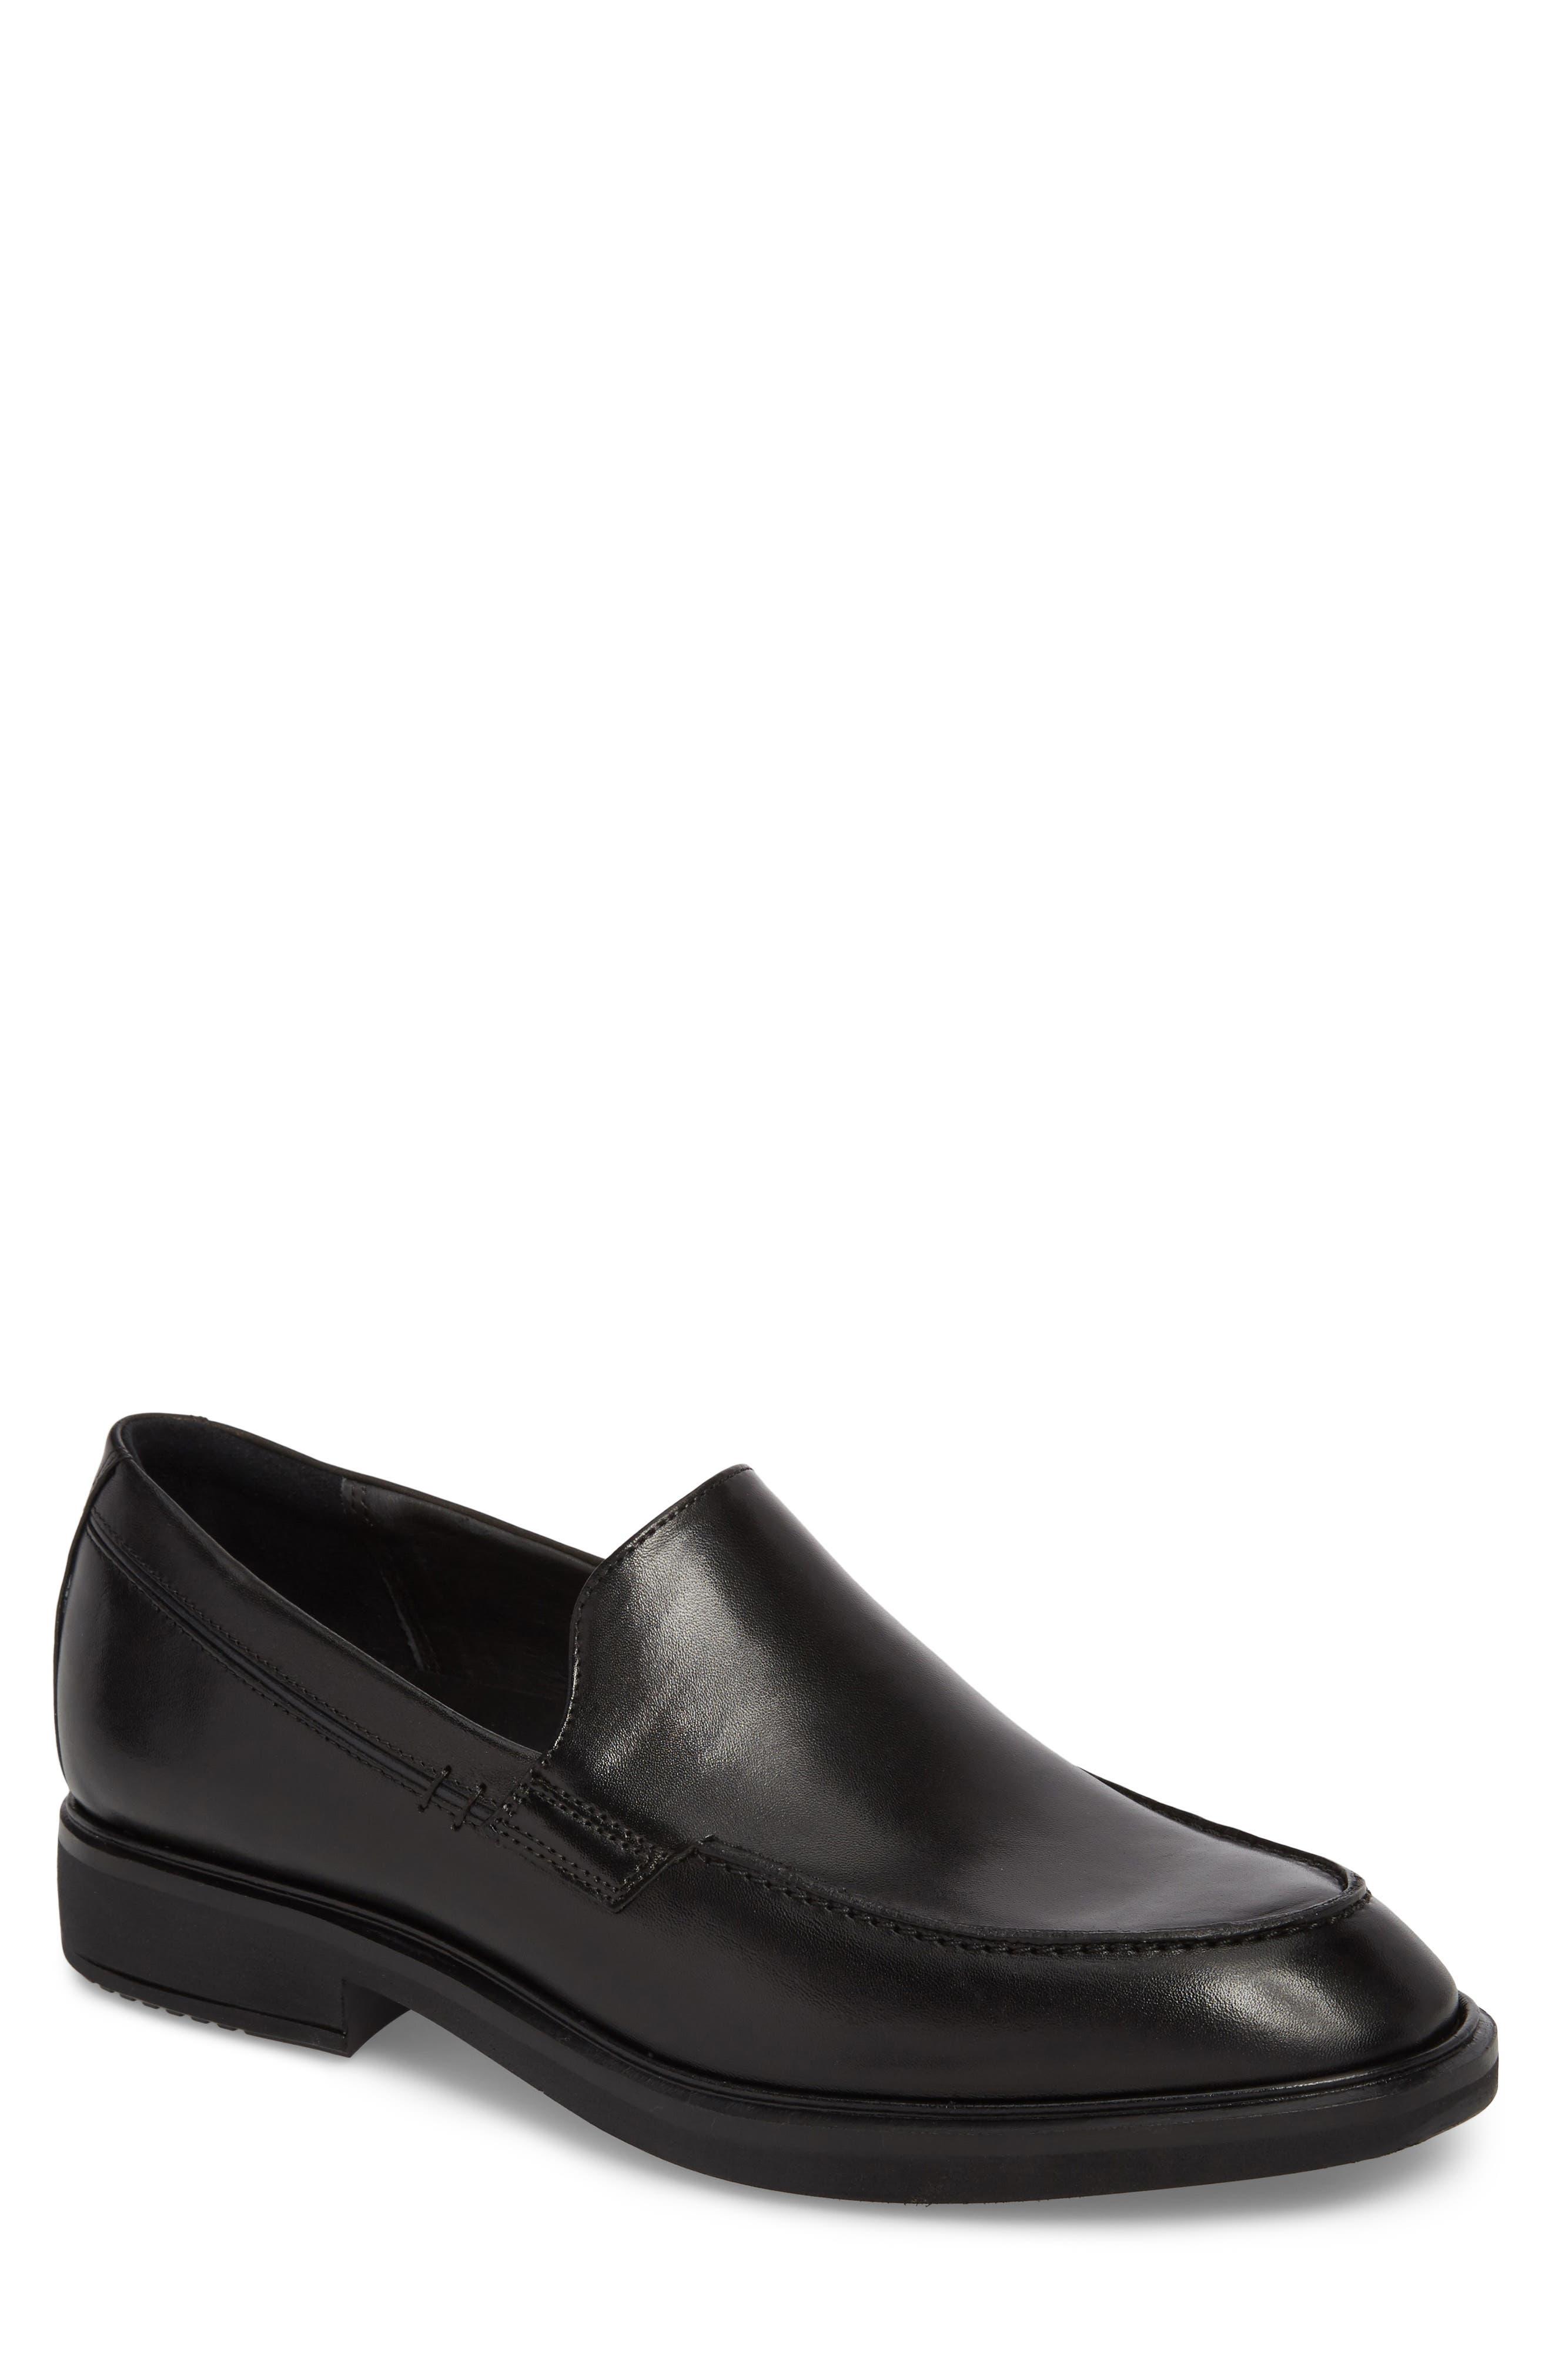 Vitrus II Apron Toe Loafer,                         Main,                         color, Black Leather